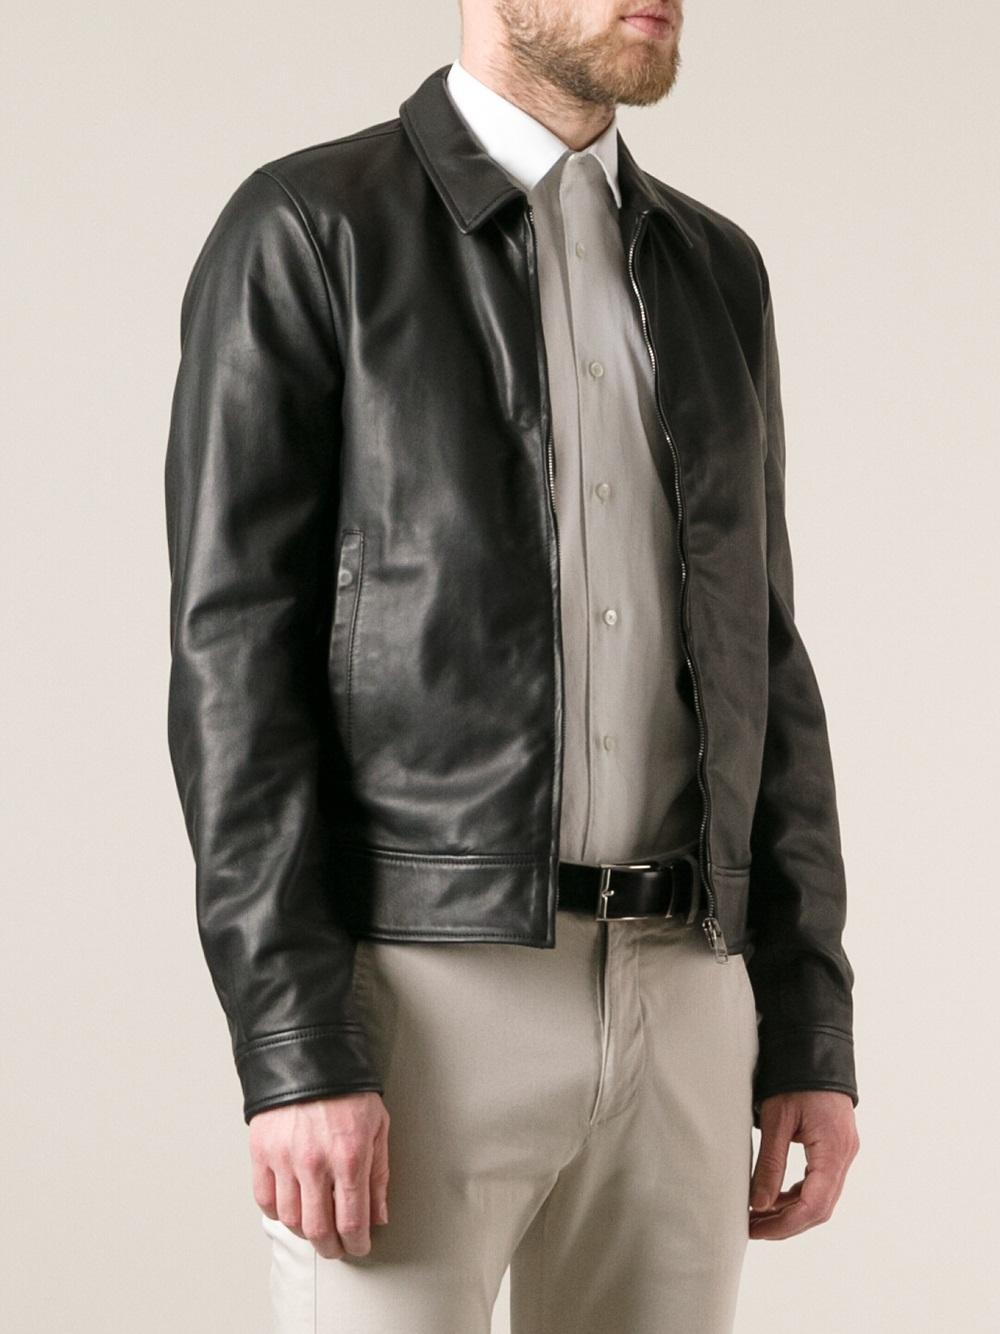 dolce gabbana leather jacket in black for men lyst. Black Bedroom Furniture Sets. Home Design Ideas